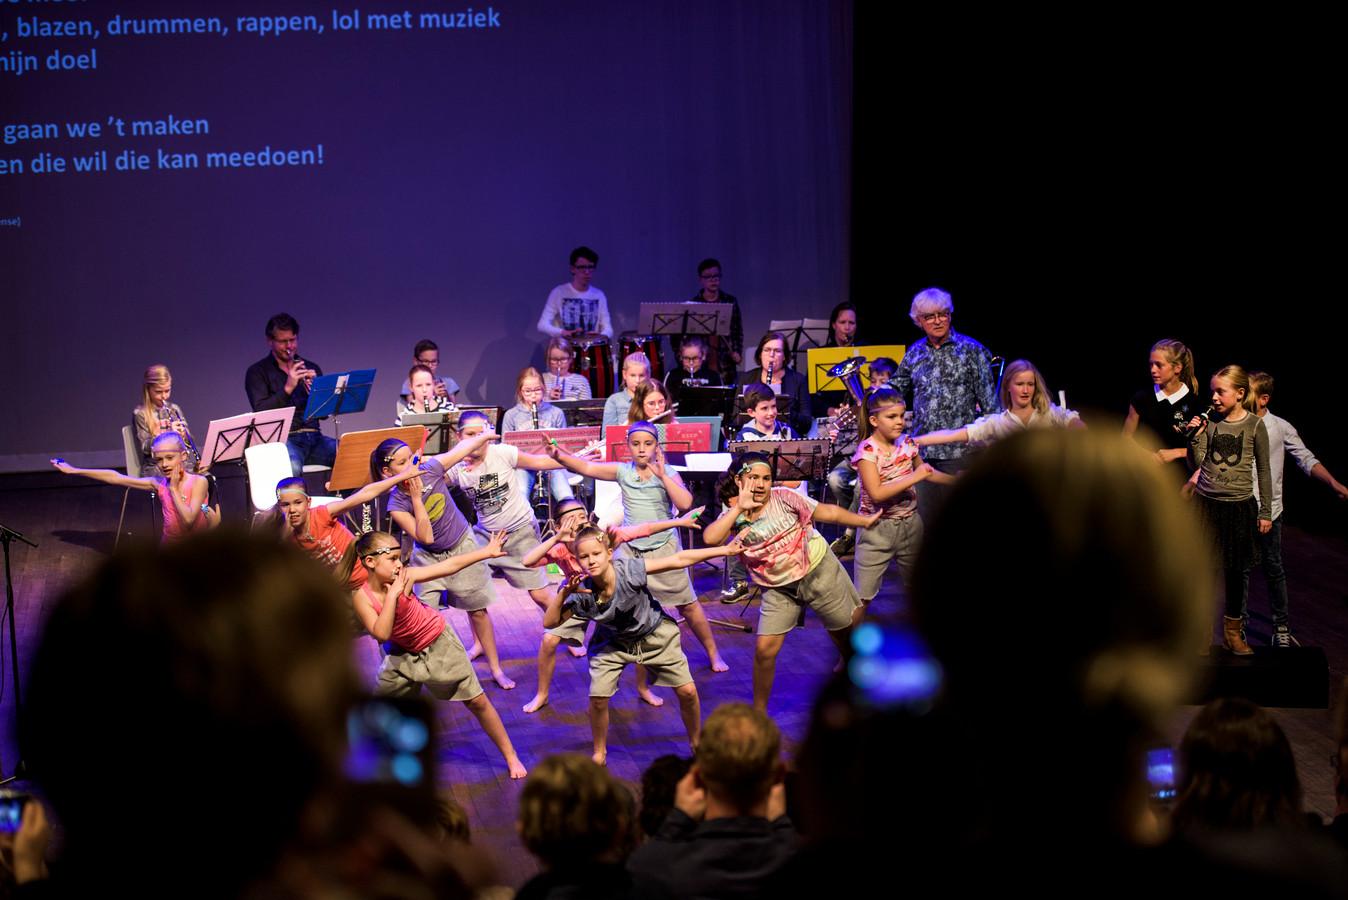 Met dans en muziek werd in oktober 2017 in Elcerlyc de start van het Jeugdcultuurfonds in Hilvarenbeek gevierd.